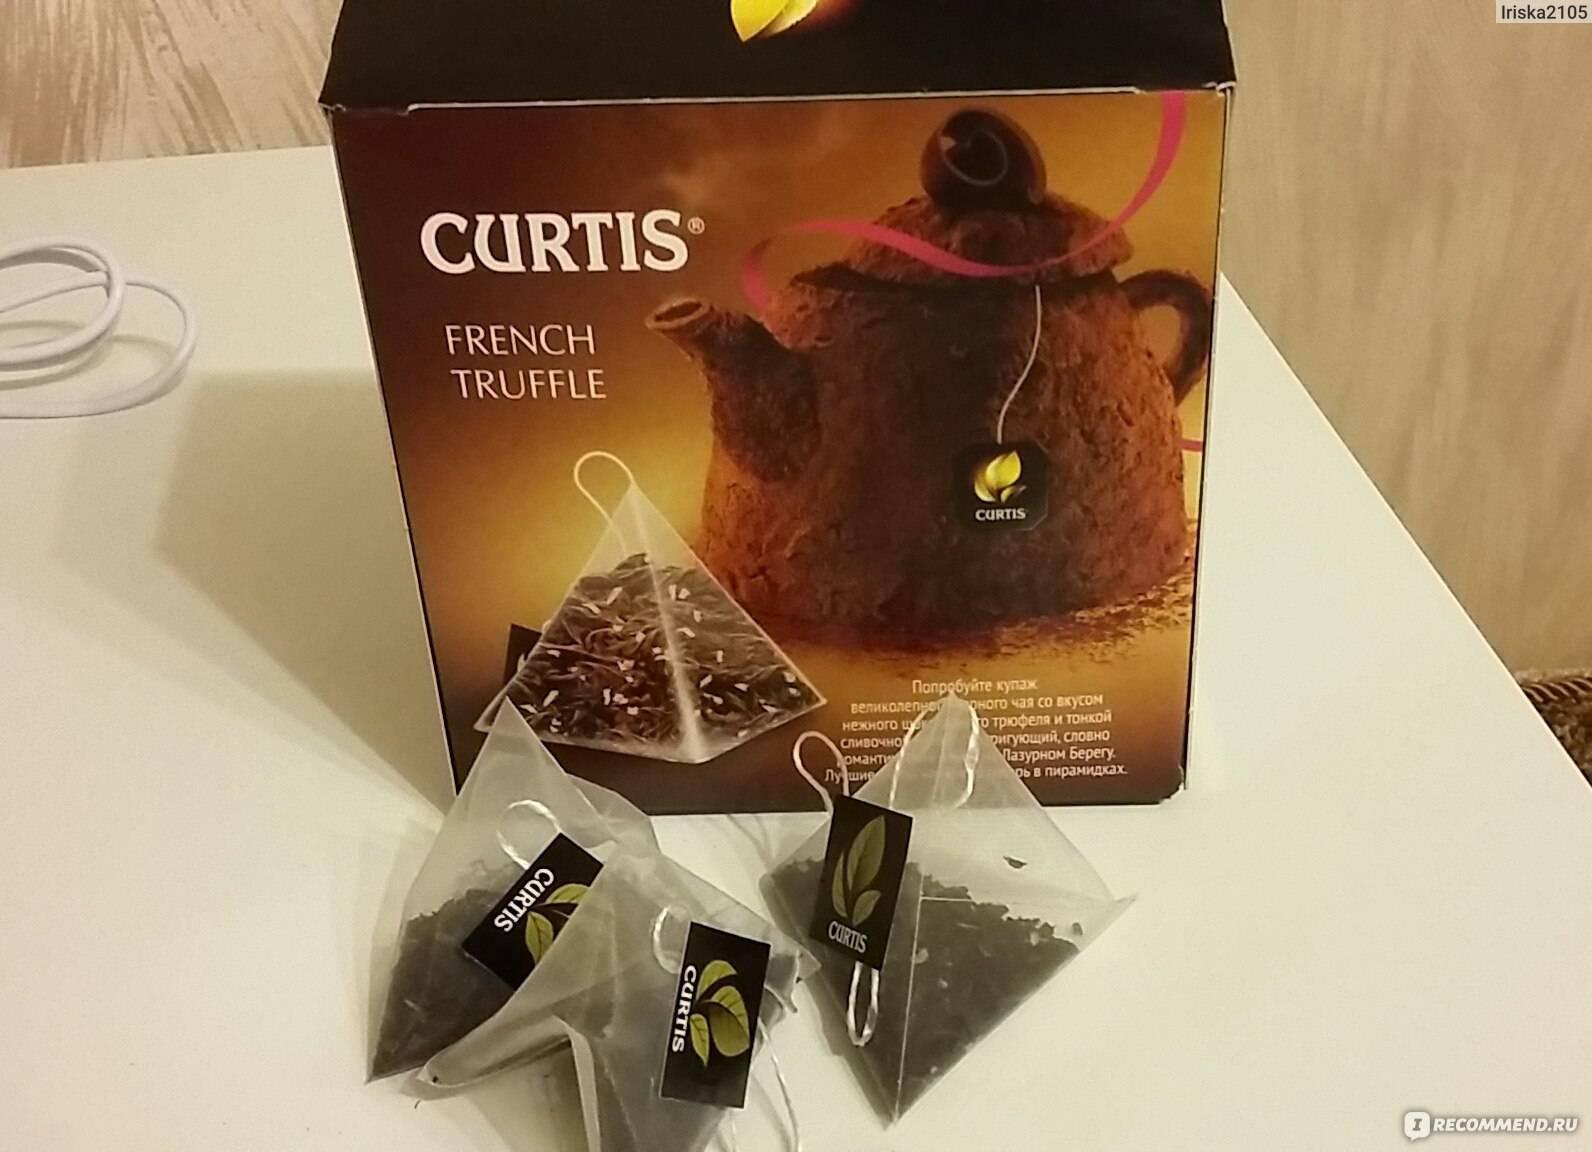 Чай кертис: ассортимент, отзывы о чае curtis с трюфелем